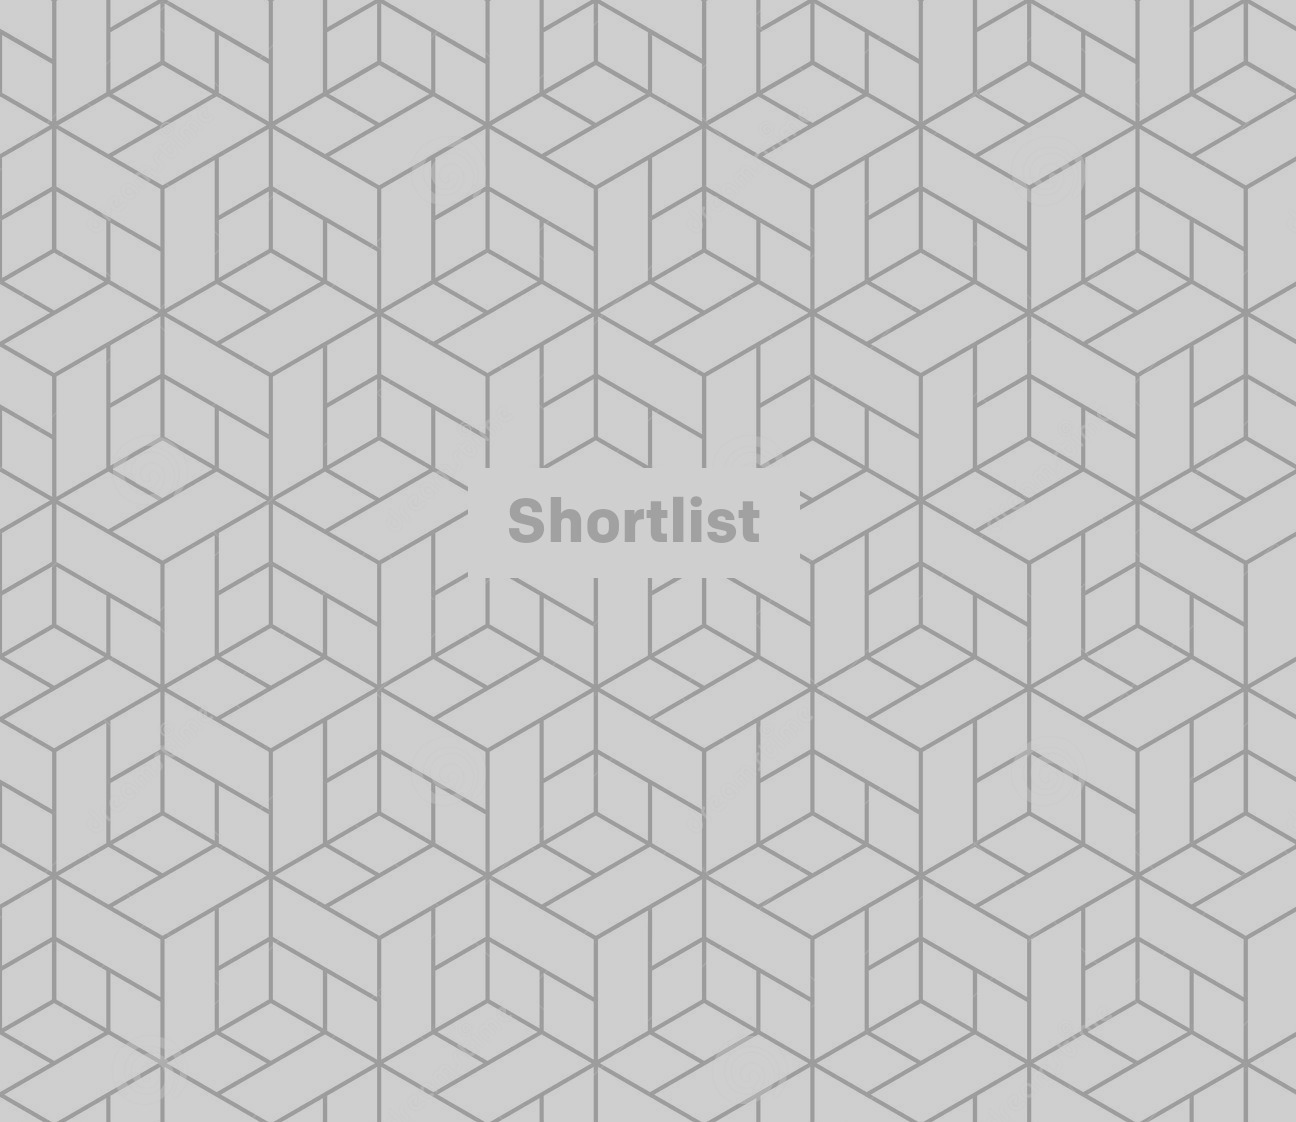 50 best apps of 2015